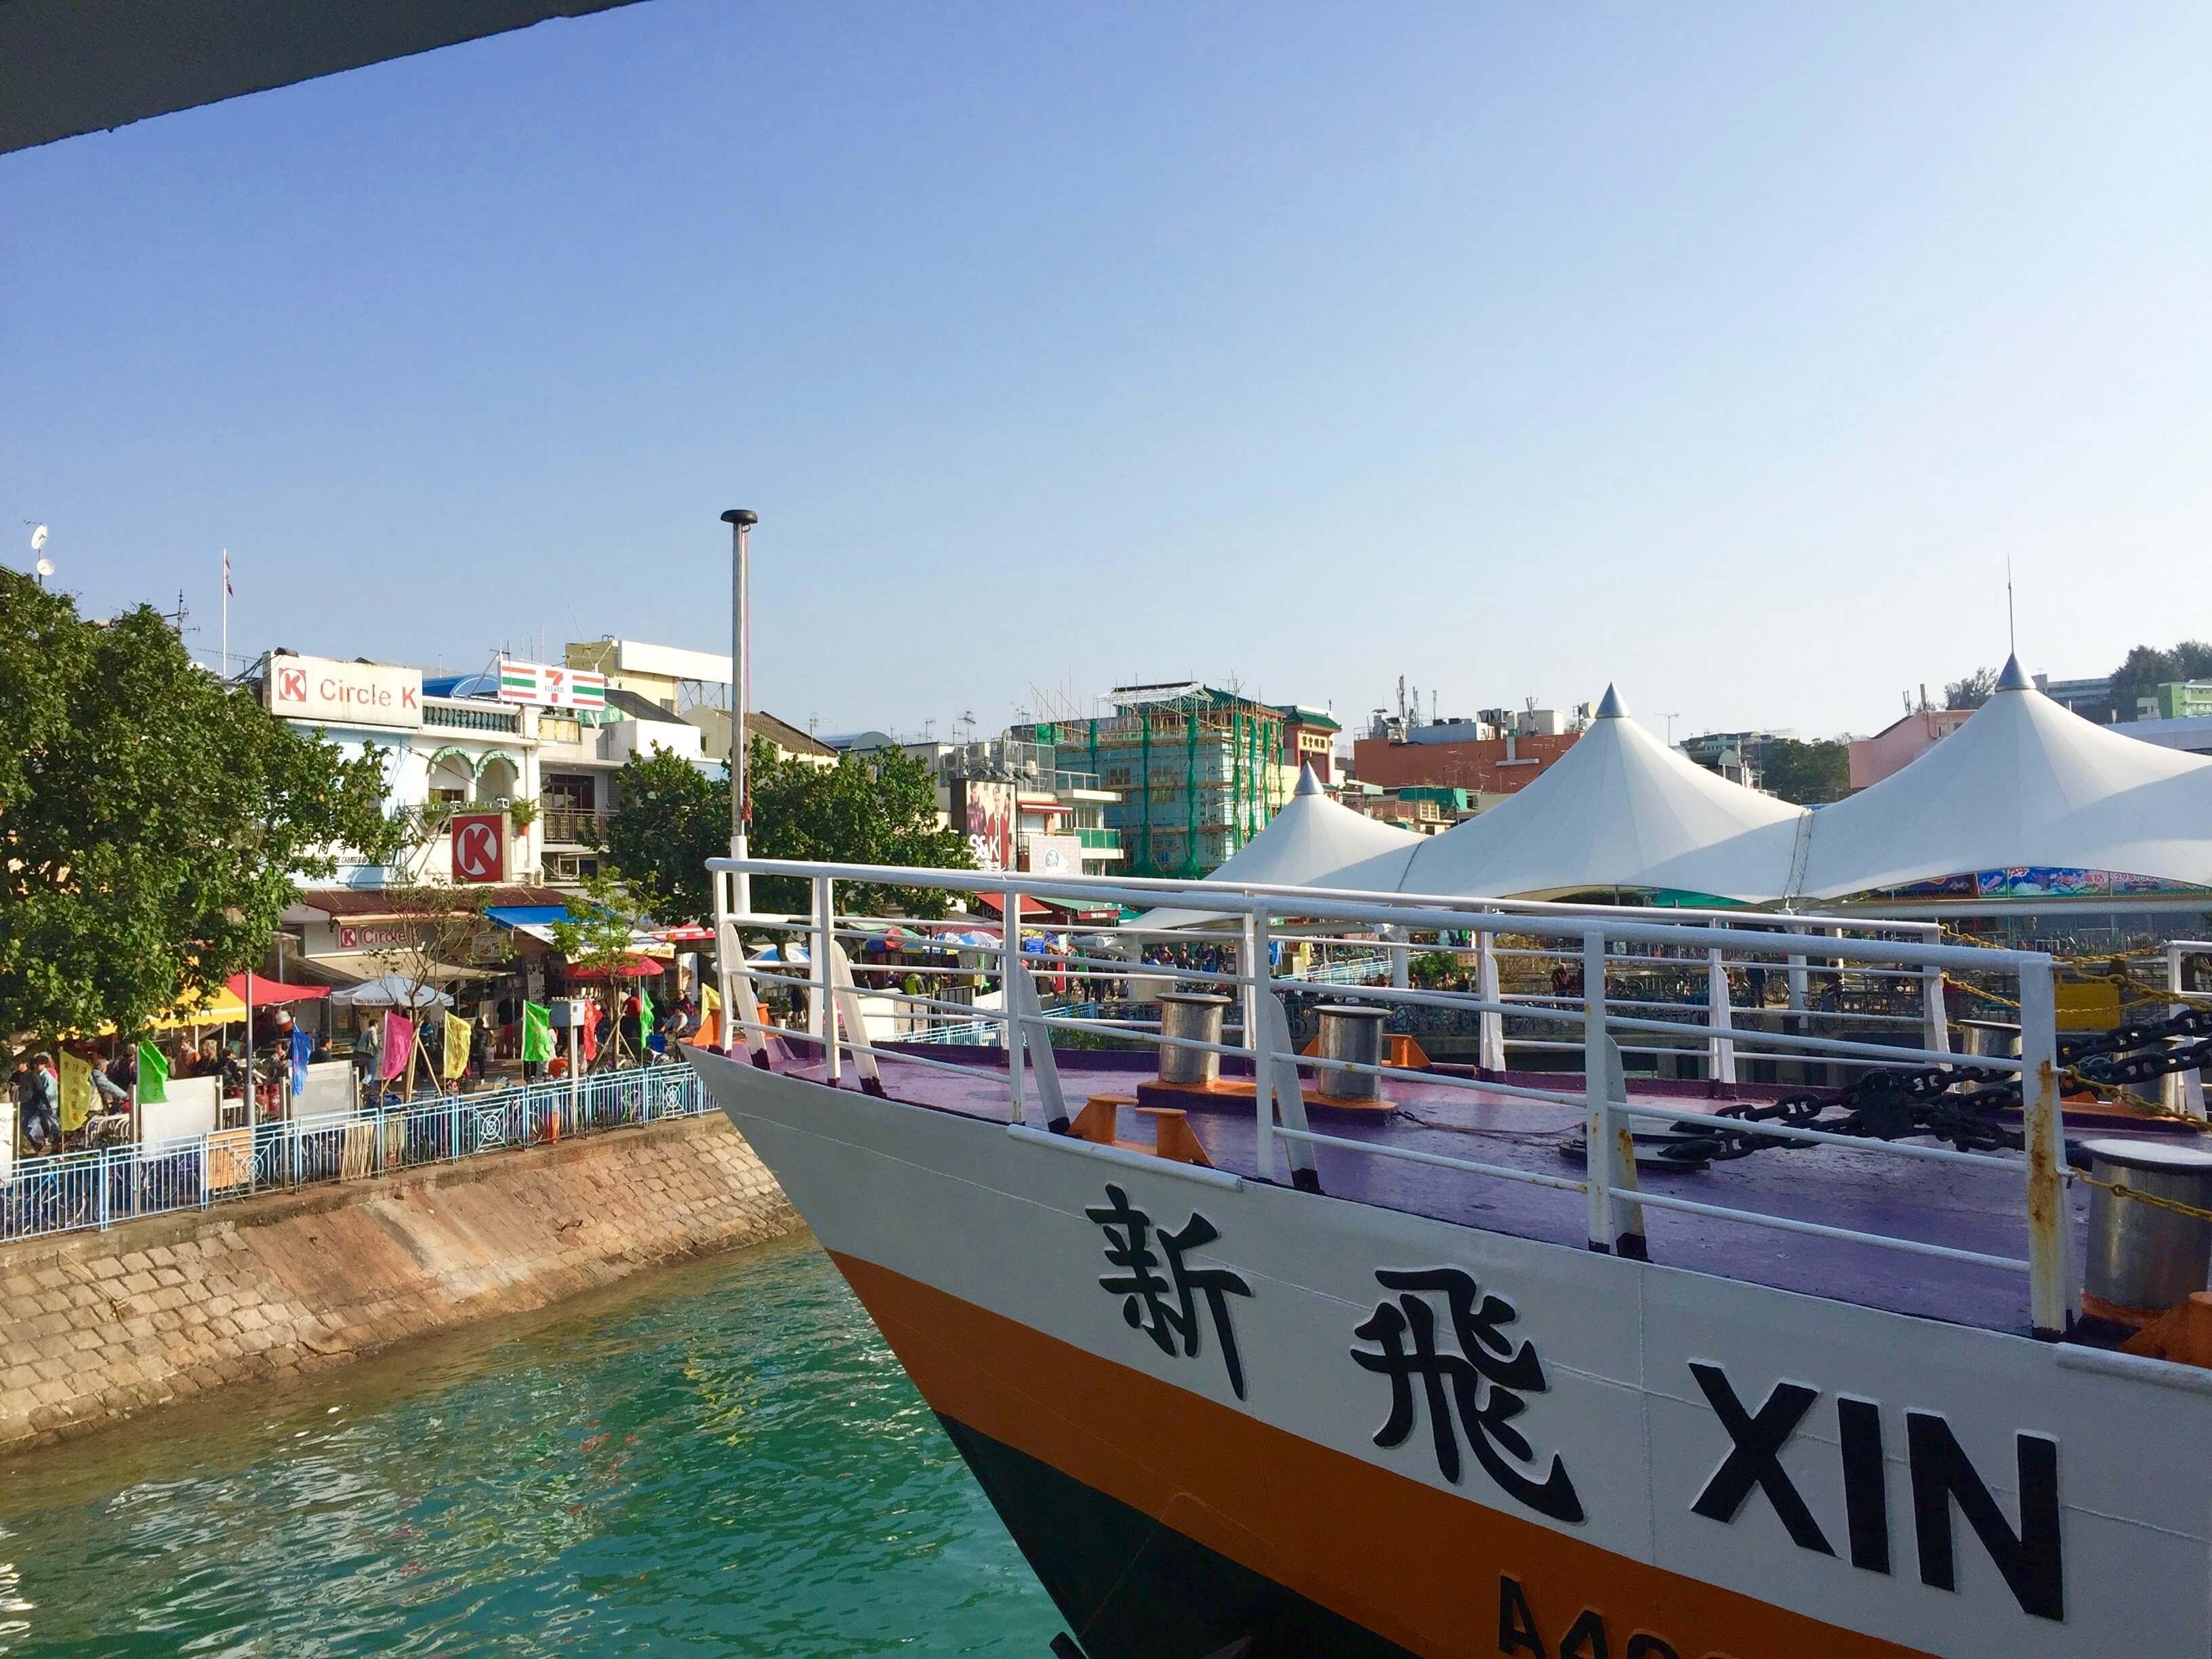 來 到 了 離 島 , 準 備 探 索 不 一 樣 的 香 港